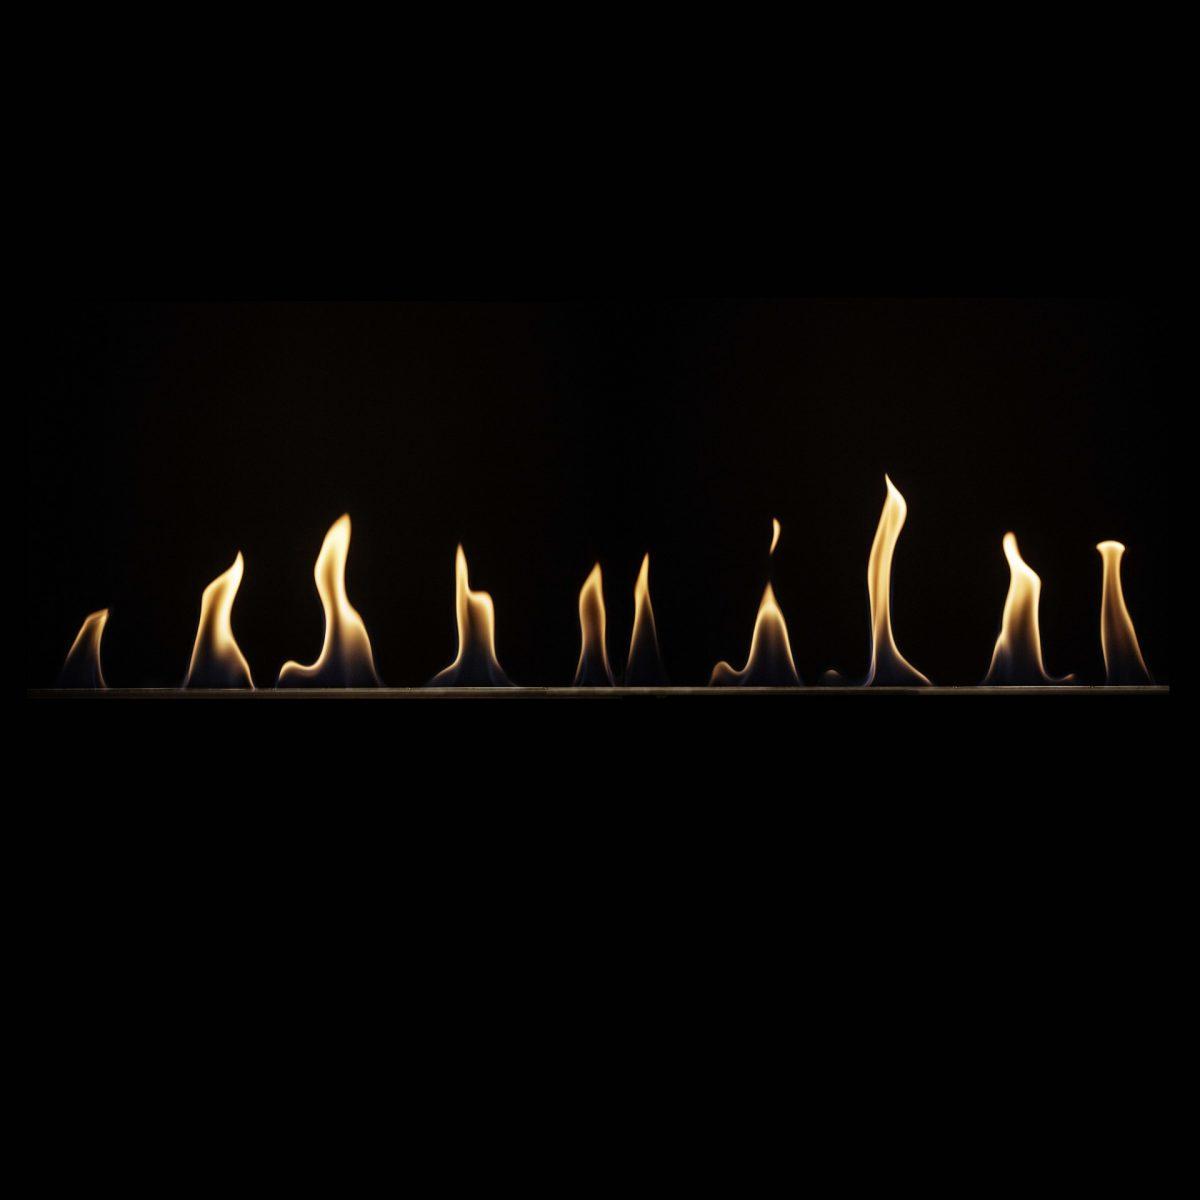 glammfire_flame_evoplus_line_hd_012-1-1920×1920